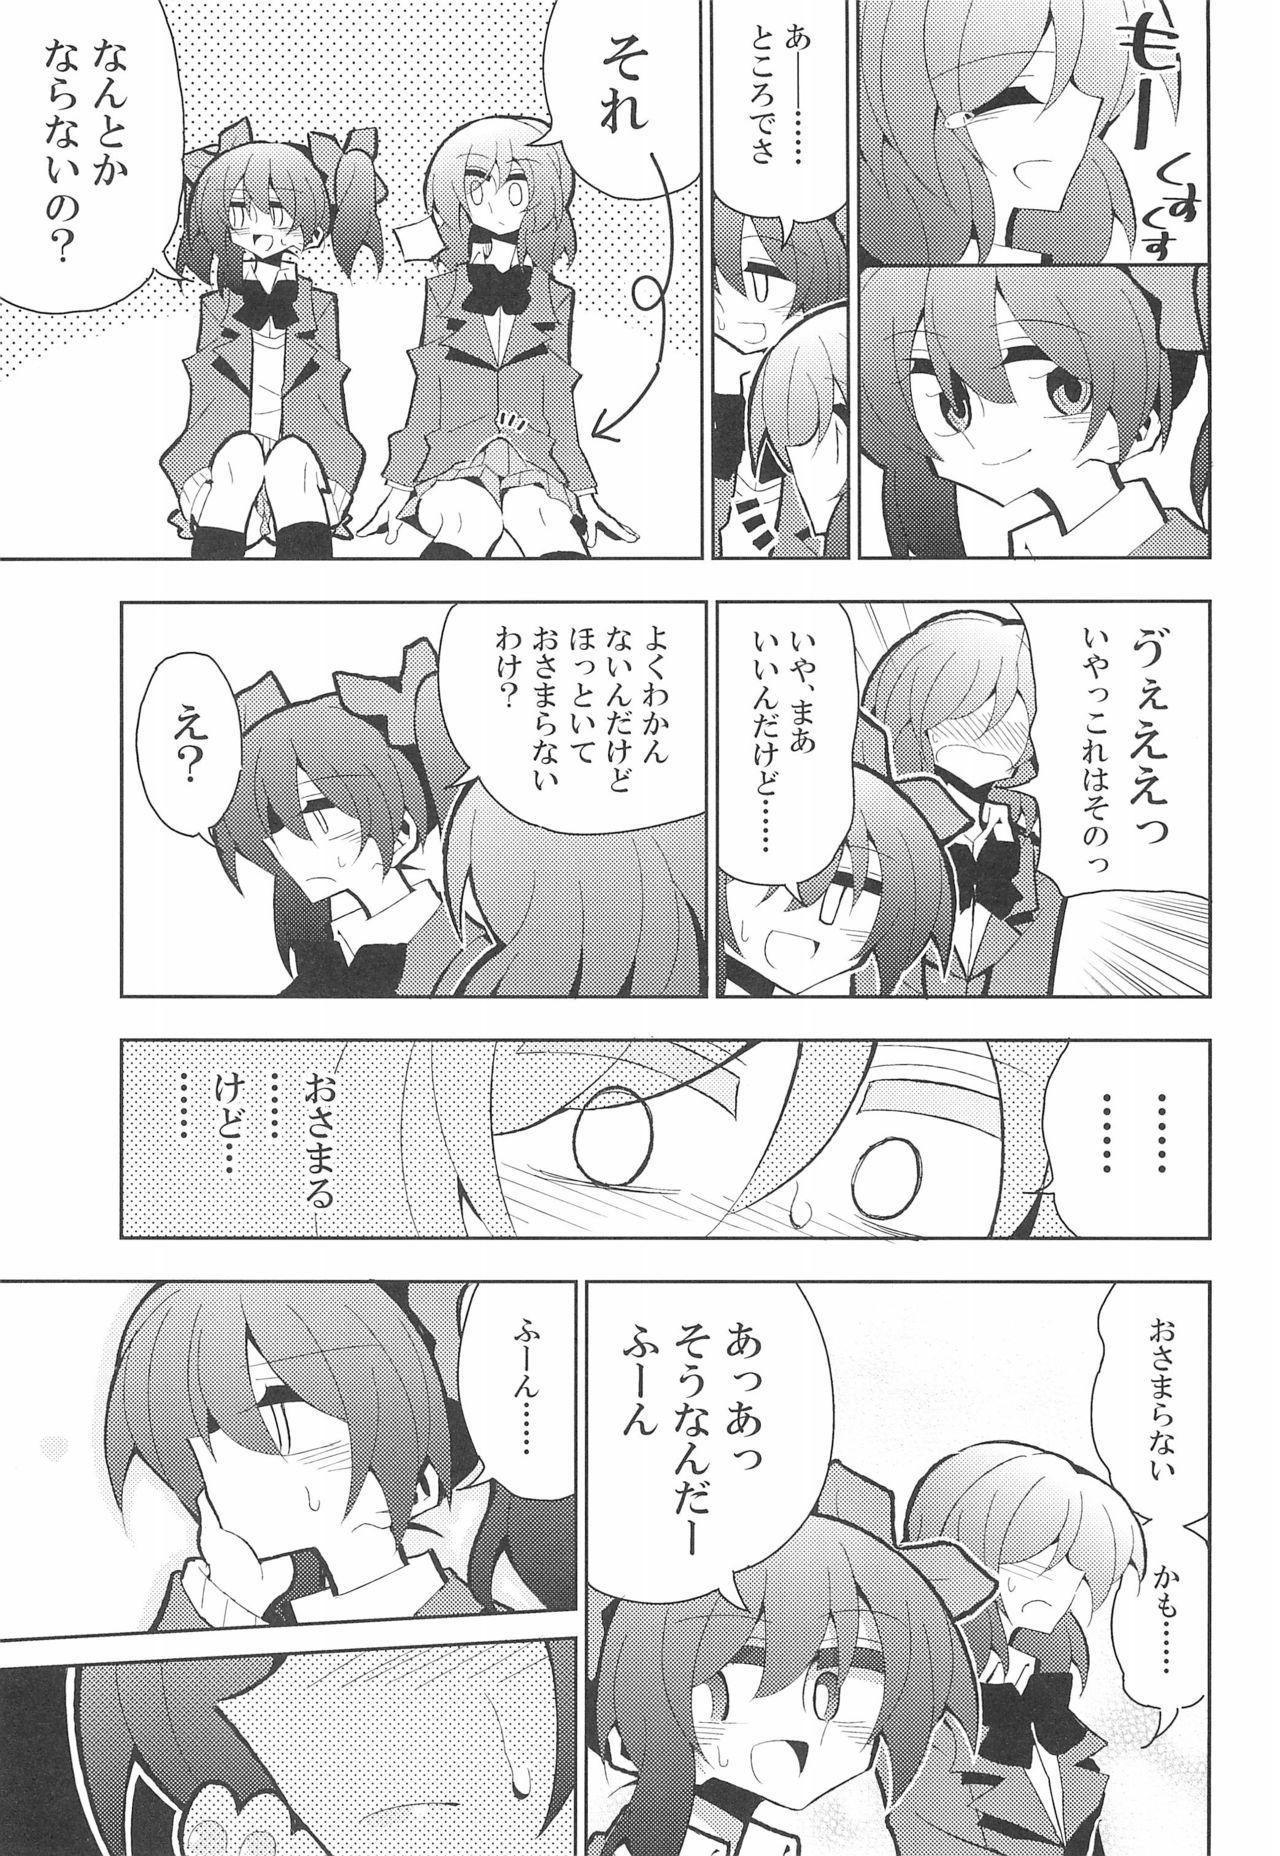 NicoMaki Futanari Sex 8